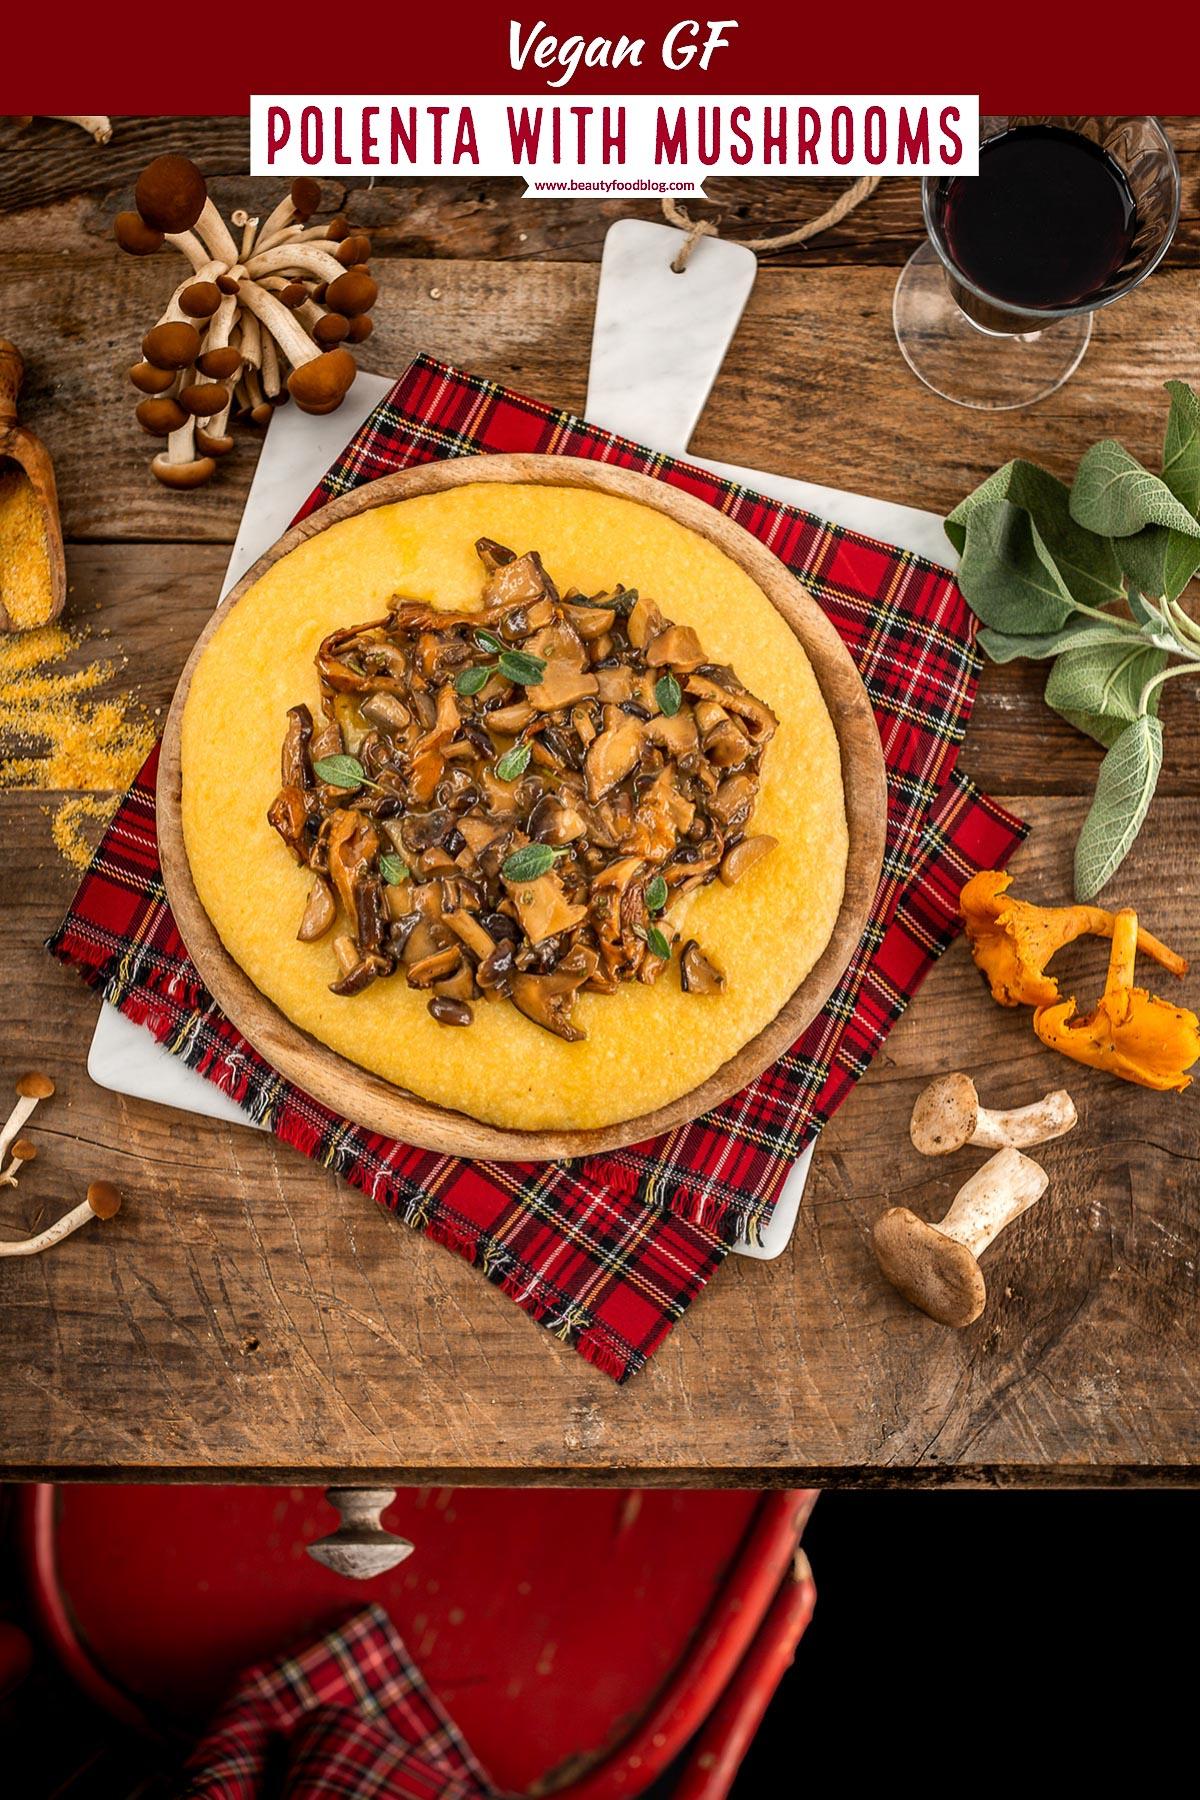 ricetta POLENTA e FUNGHI VEGAN light facile e veloce senza burro senza formaggio glutenfree #VEGAN ITALIAN POLENTA with MUSHROOMS and sage recipe